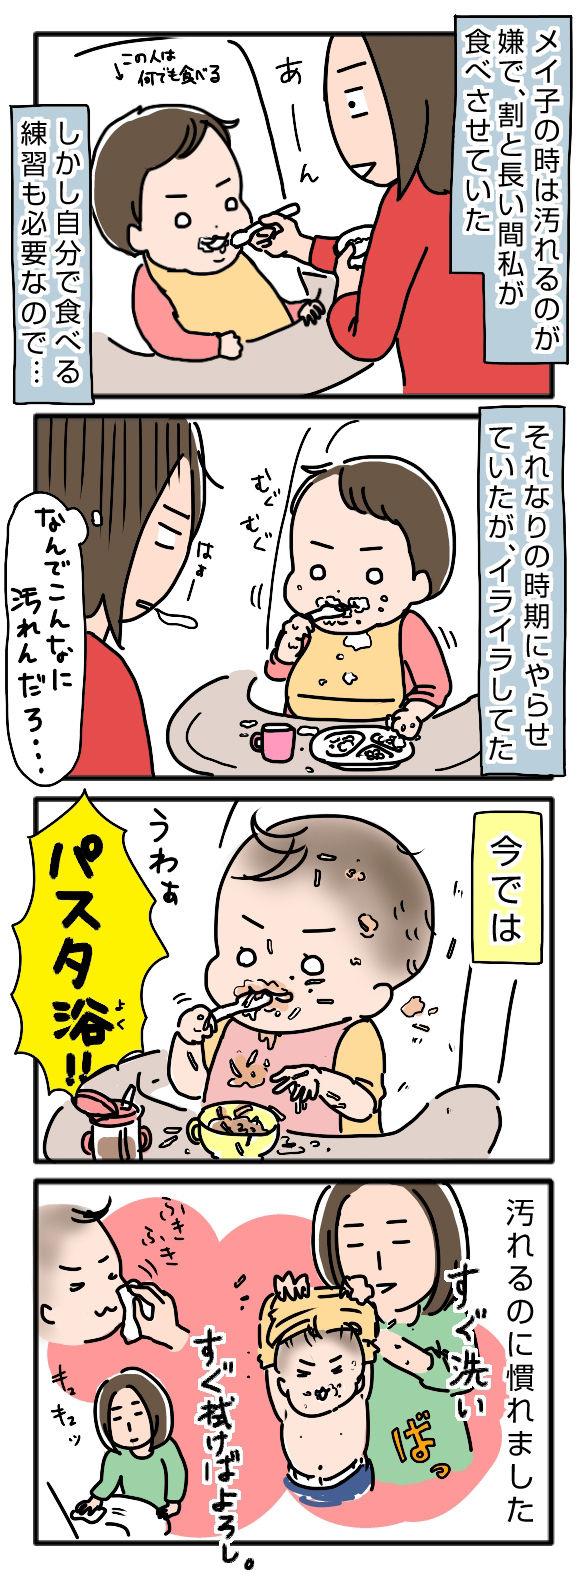 汚れ耐性01